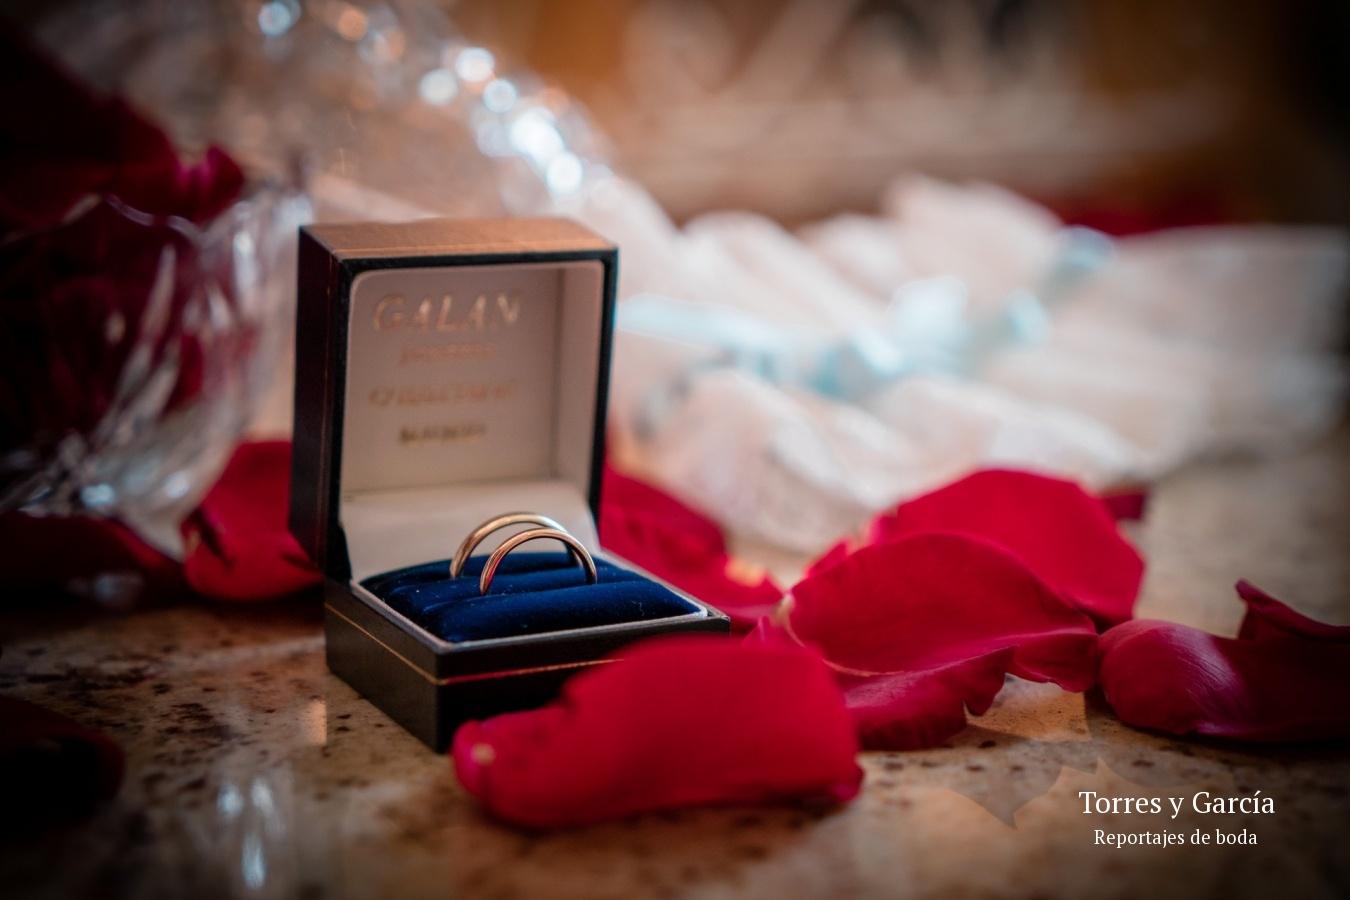 alianzas de boda - Fotografías - Libros y reportajes de boda diferentes.